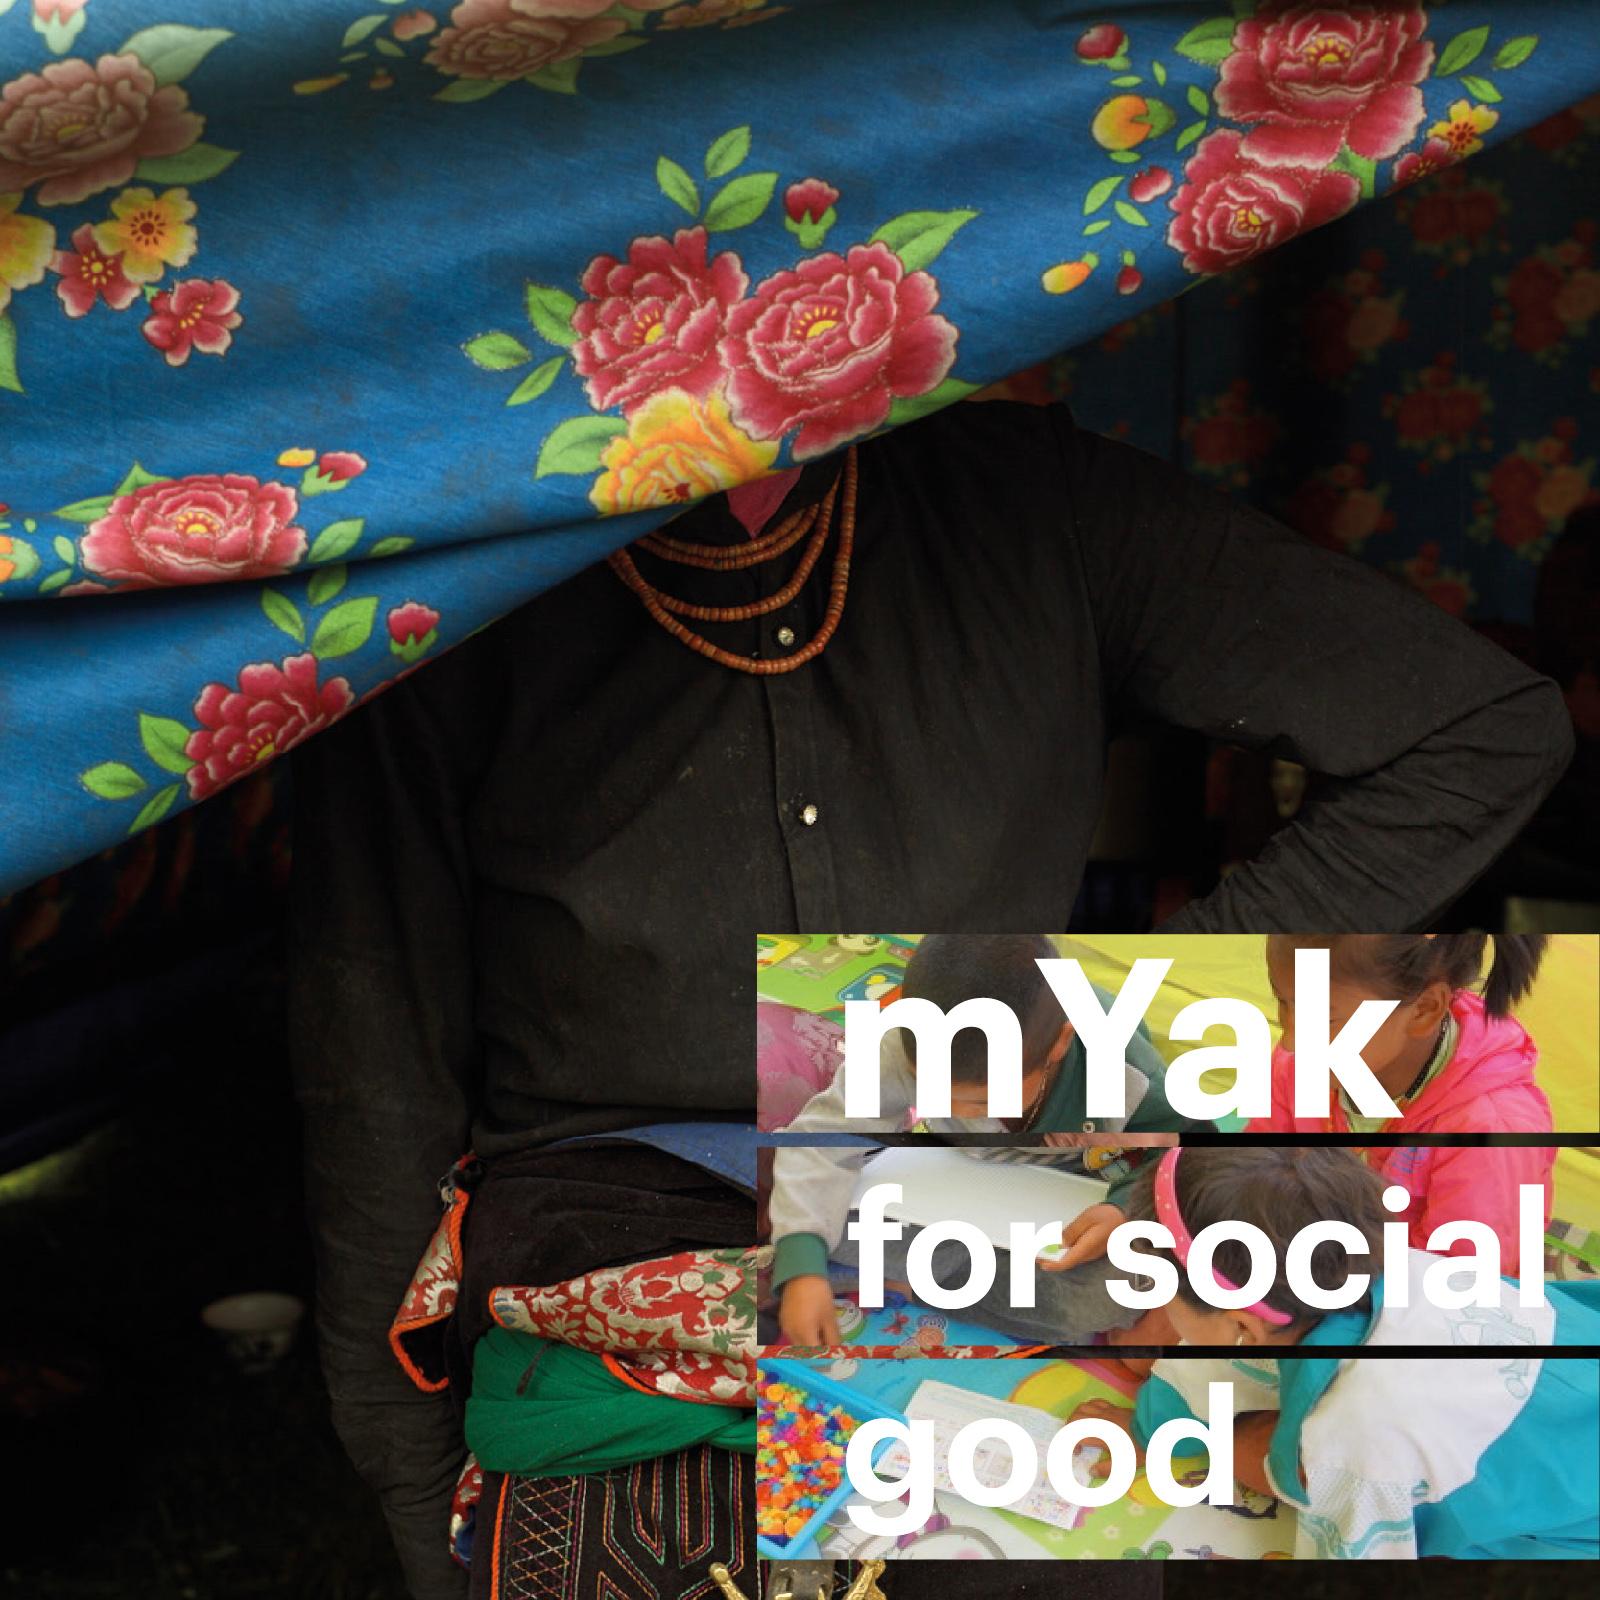 mYak For Social Good